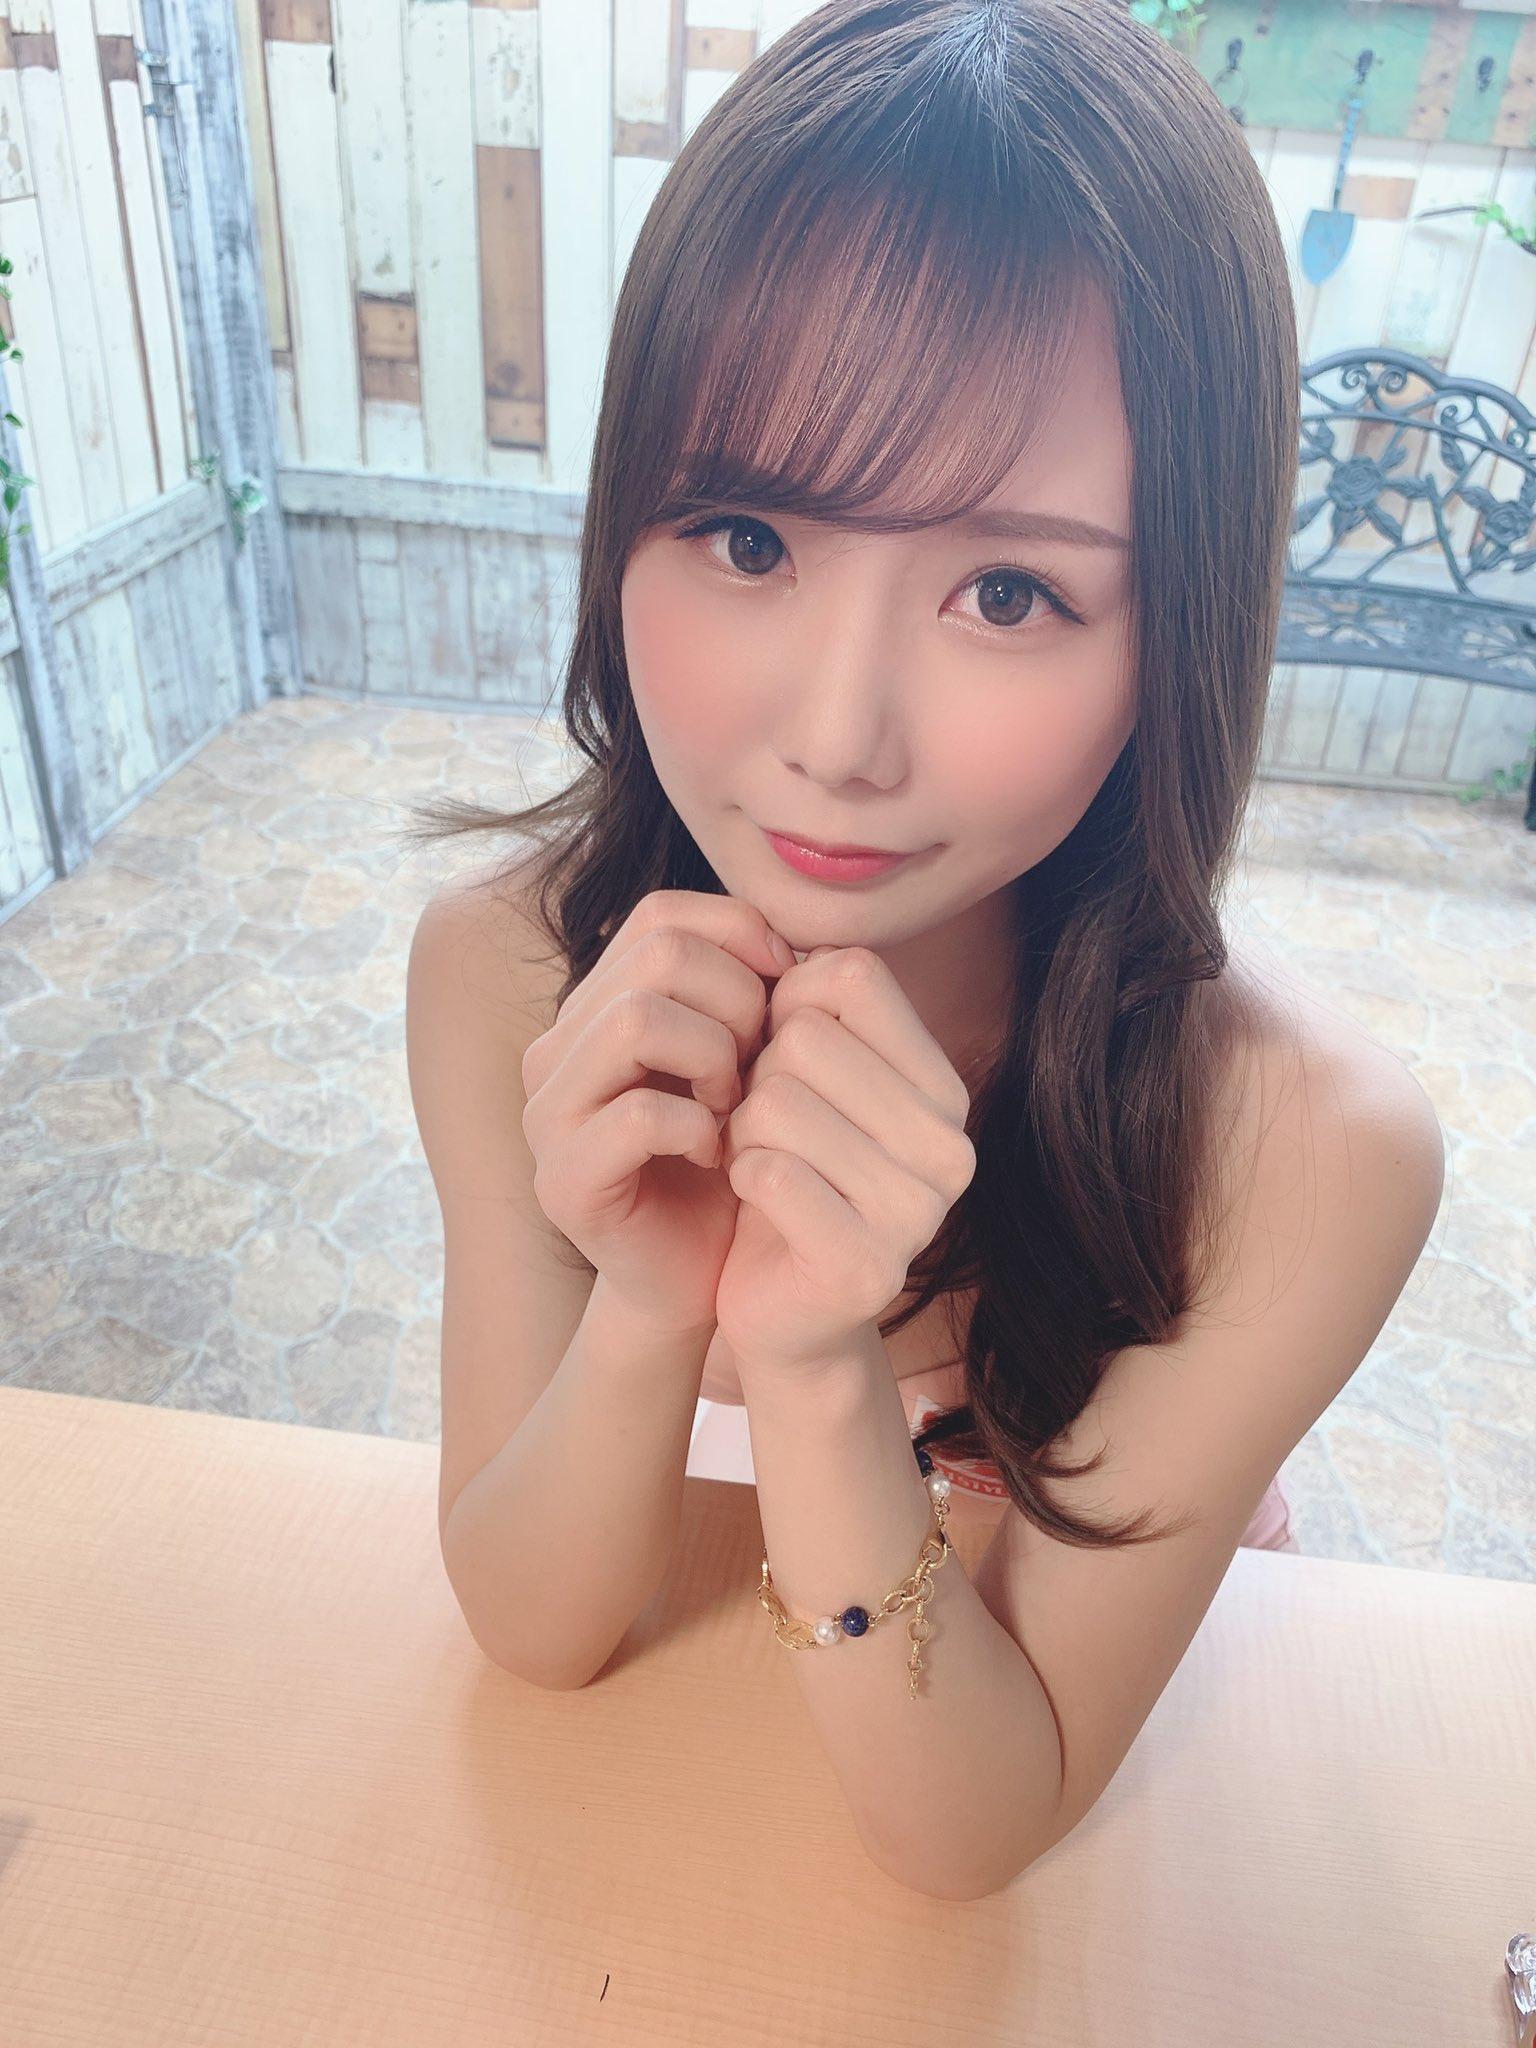 【坂道みるエロ画像】細腰で強烈グラインドを繰り出す美少女・坂道みる!